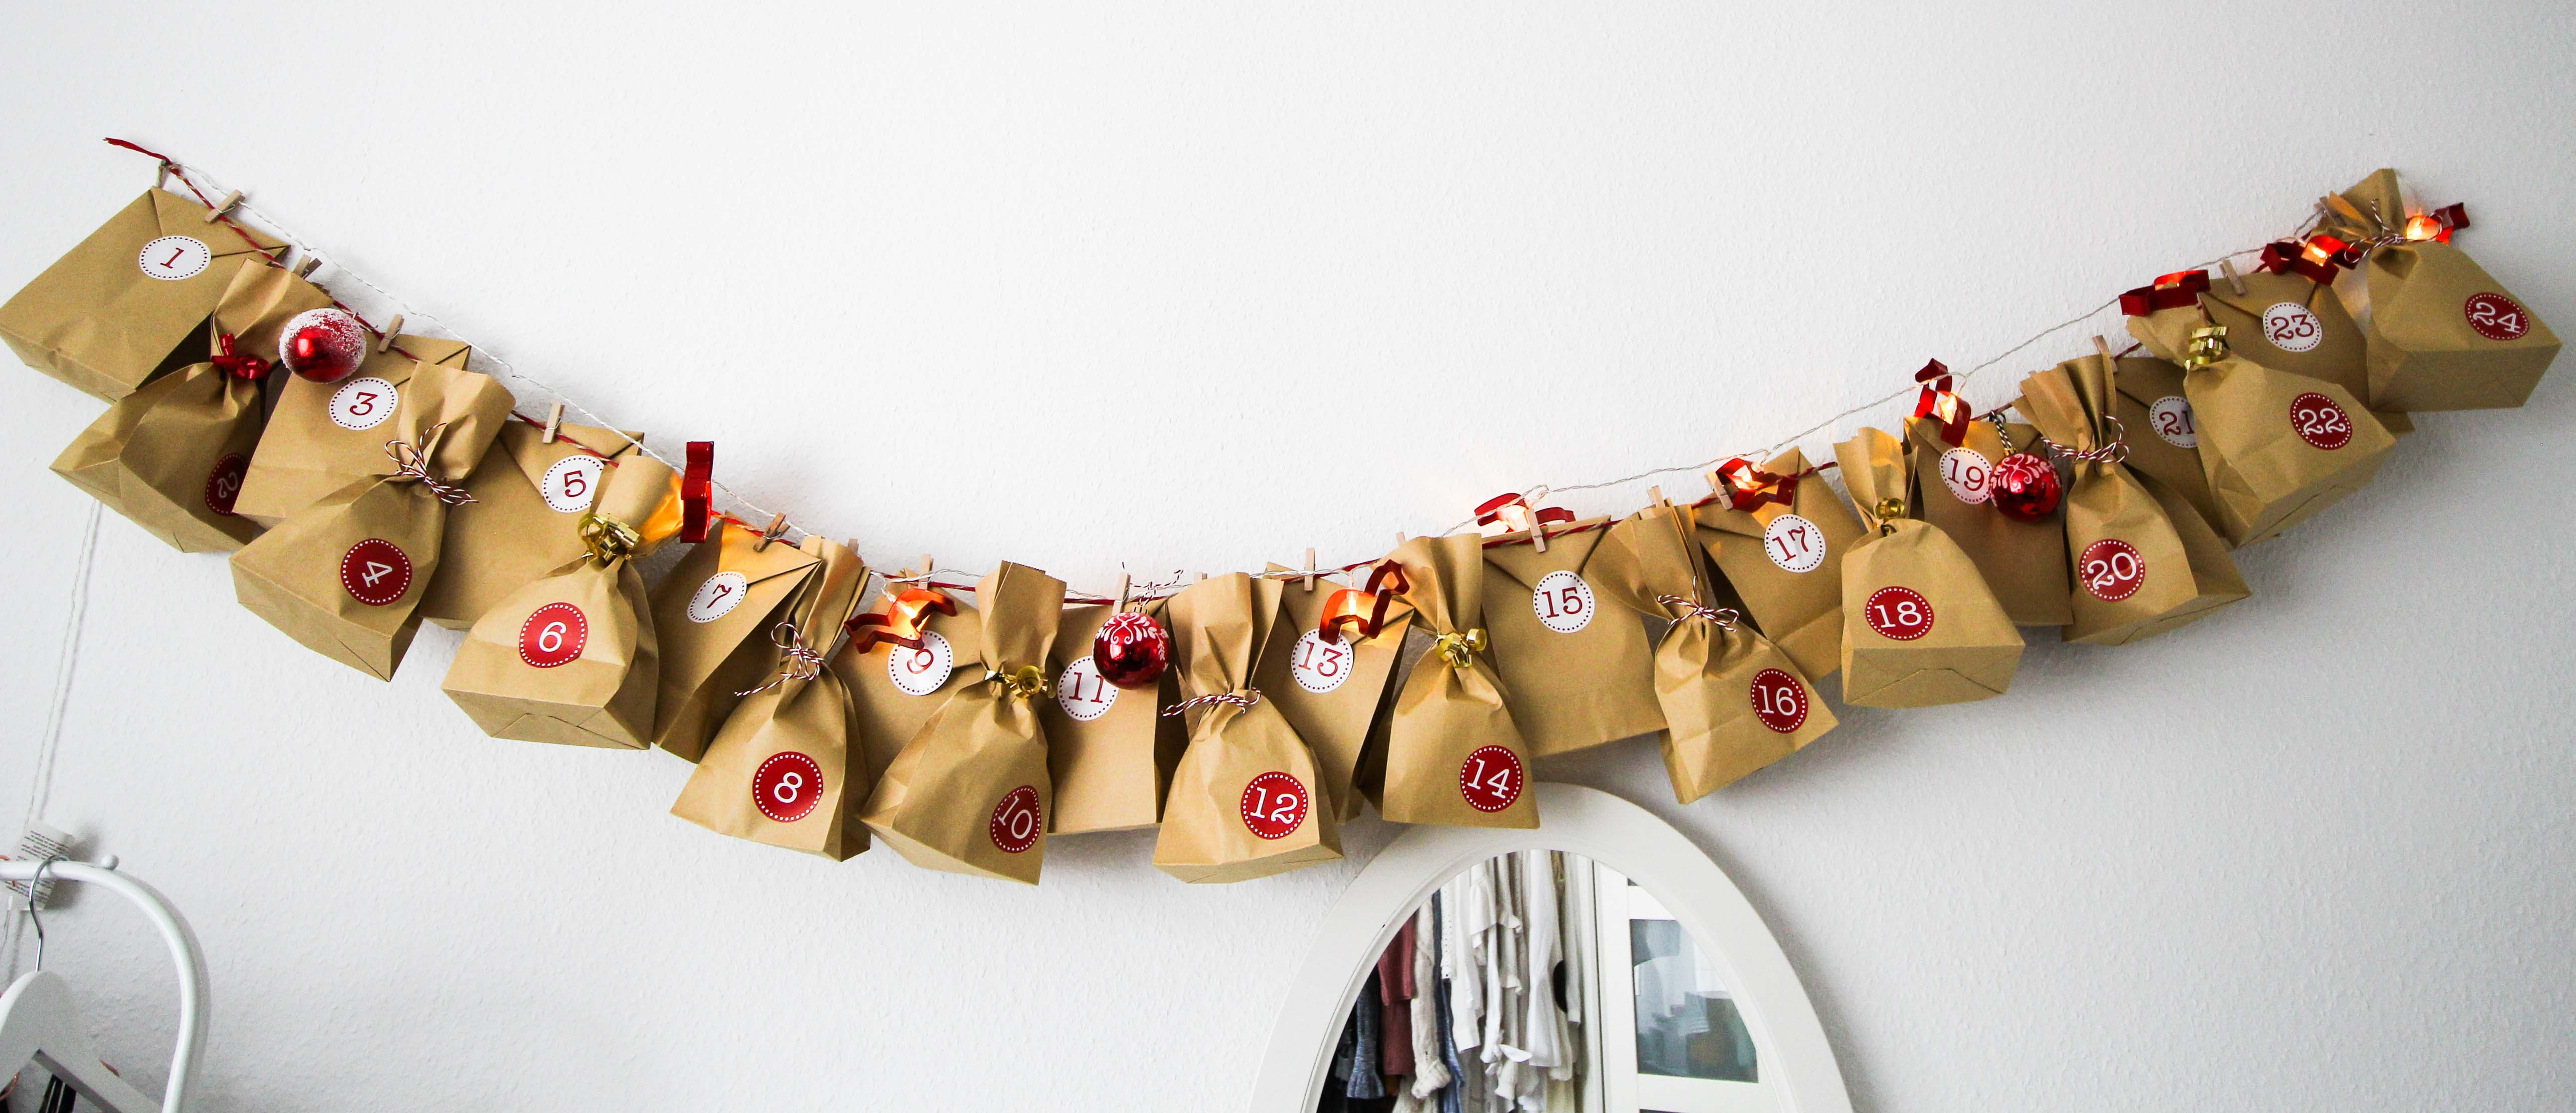 Adventskalender DIY Adventskalender selber machen Geschenke kreativ einpacken Weihnachten Clas Ohlson Geschenk Ideen Dekoration